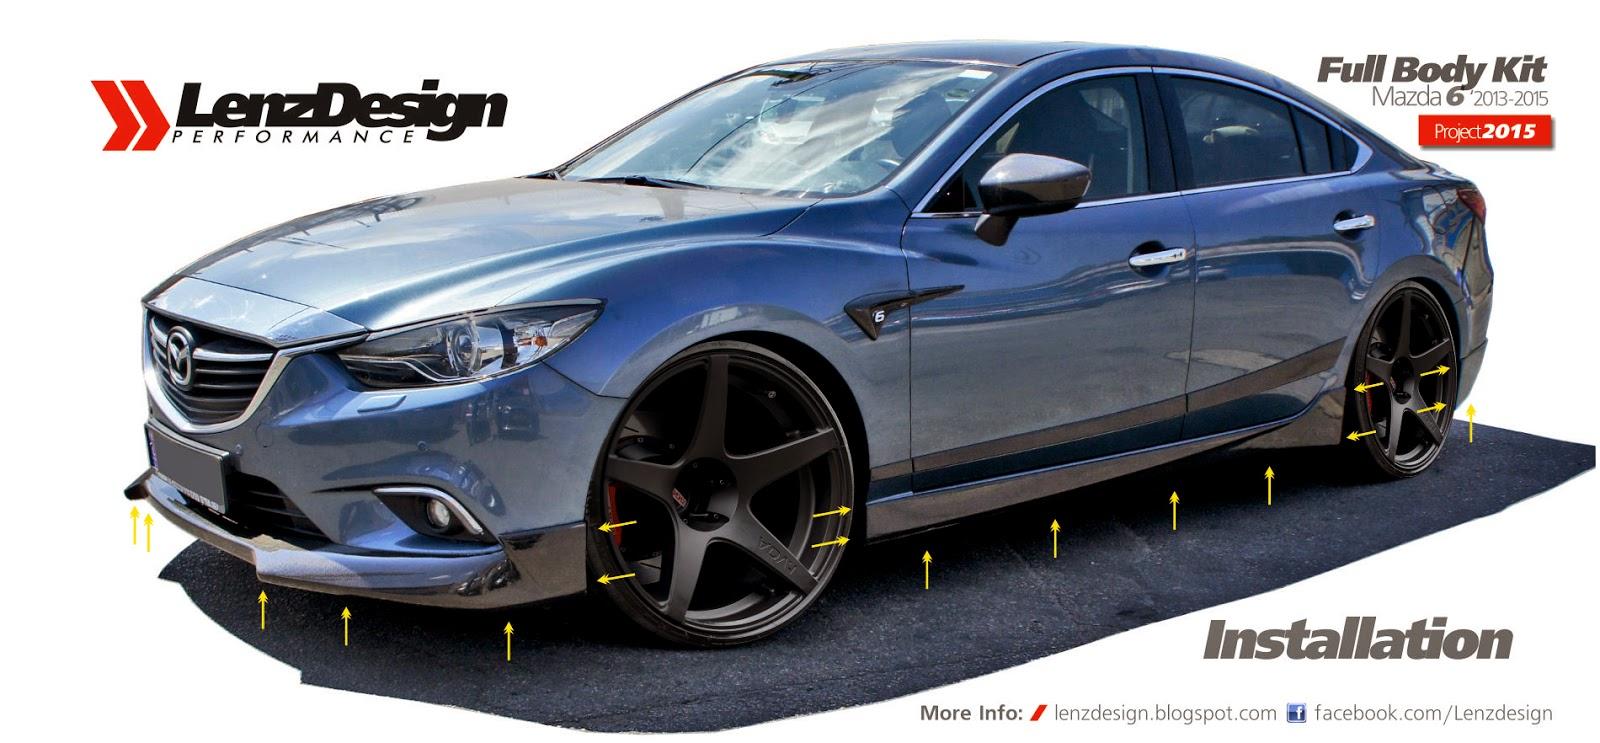 Mazda 6 Gj Atenza Lenzdesign Bodykit Amp Spoilers 2013 2014